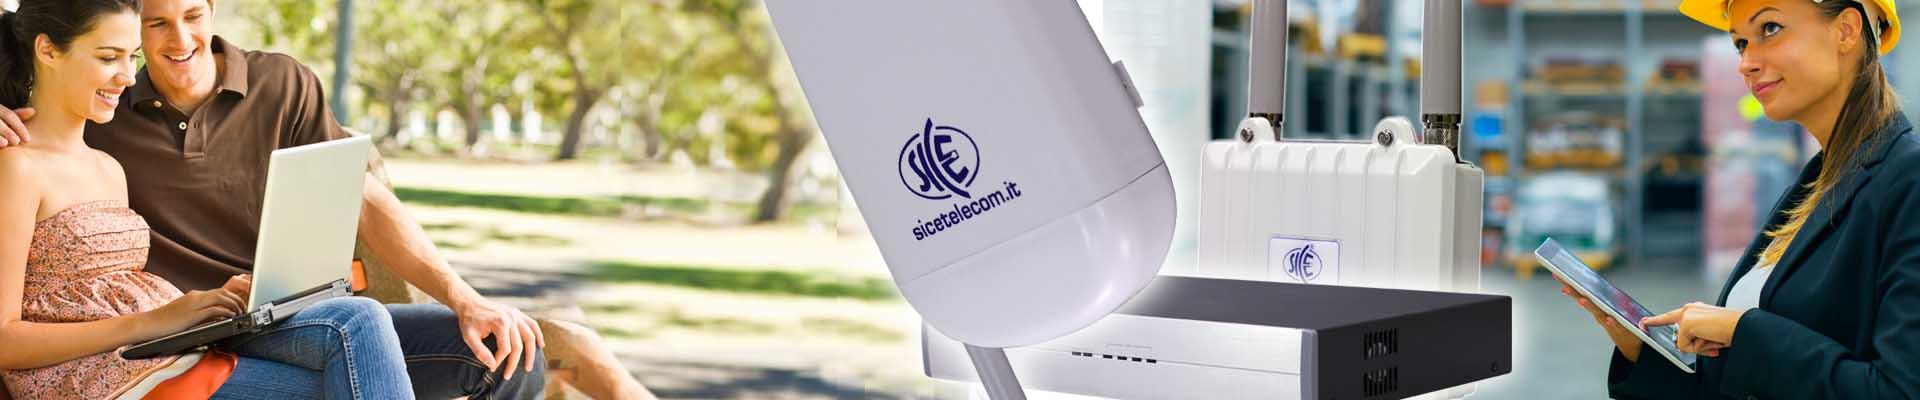 Hotspot Wi-Fi 2.4 / 5 GHz e SMS Station Headline